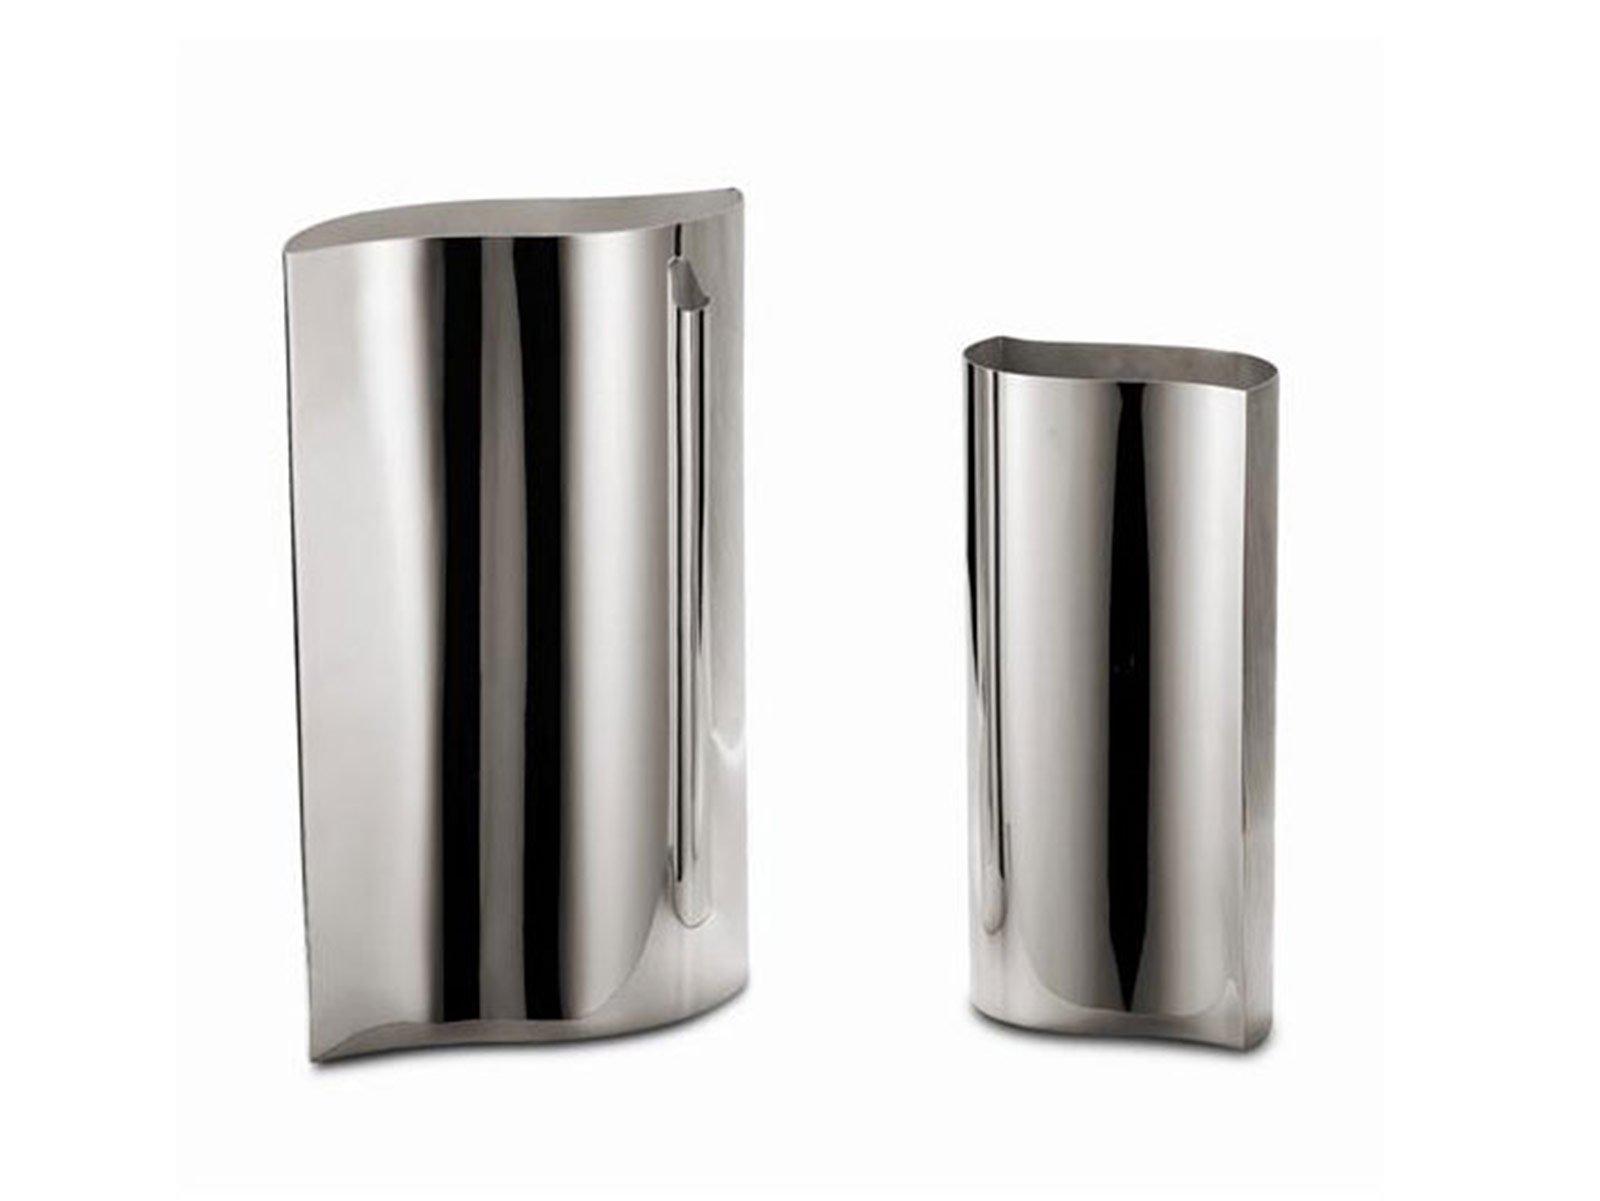 Vasi da arredo per interni arredamento vasi da interni - Coprivasi da interno ...